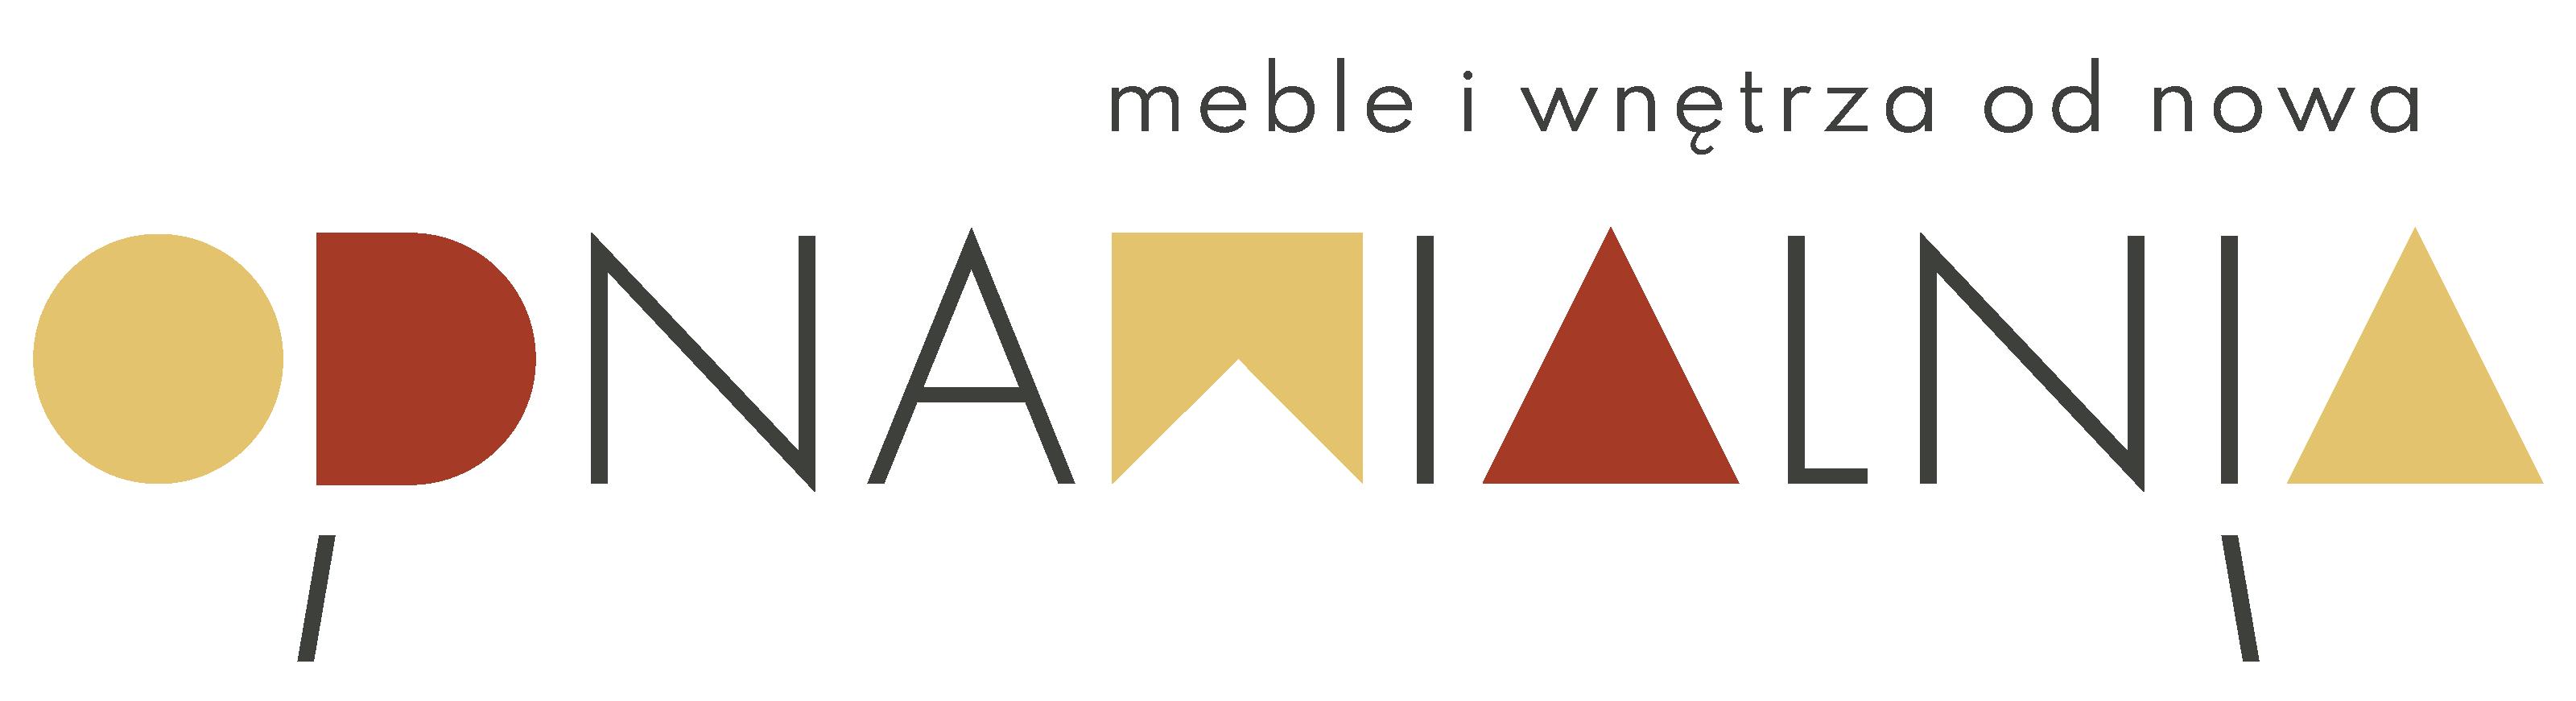 odnawialnia-logo-02-podstawowe-claim